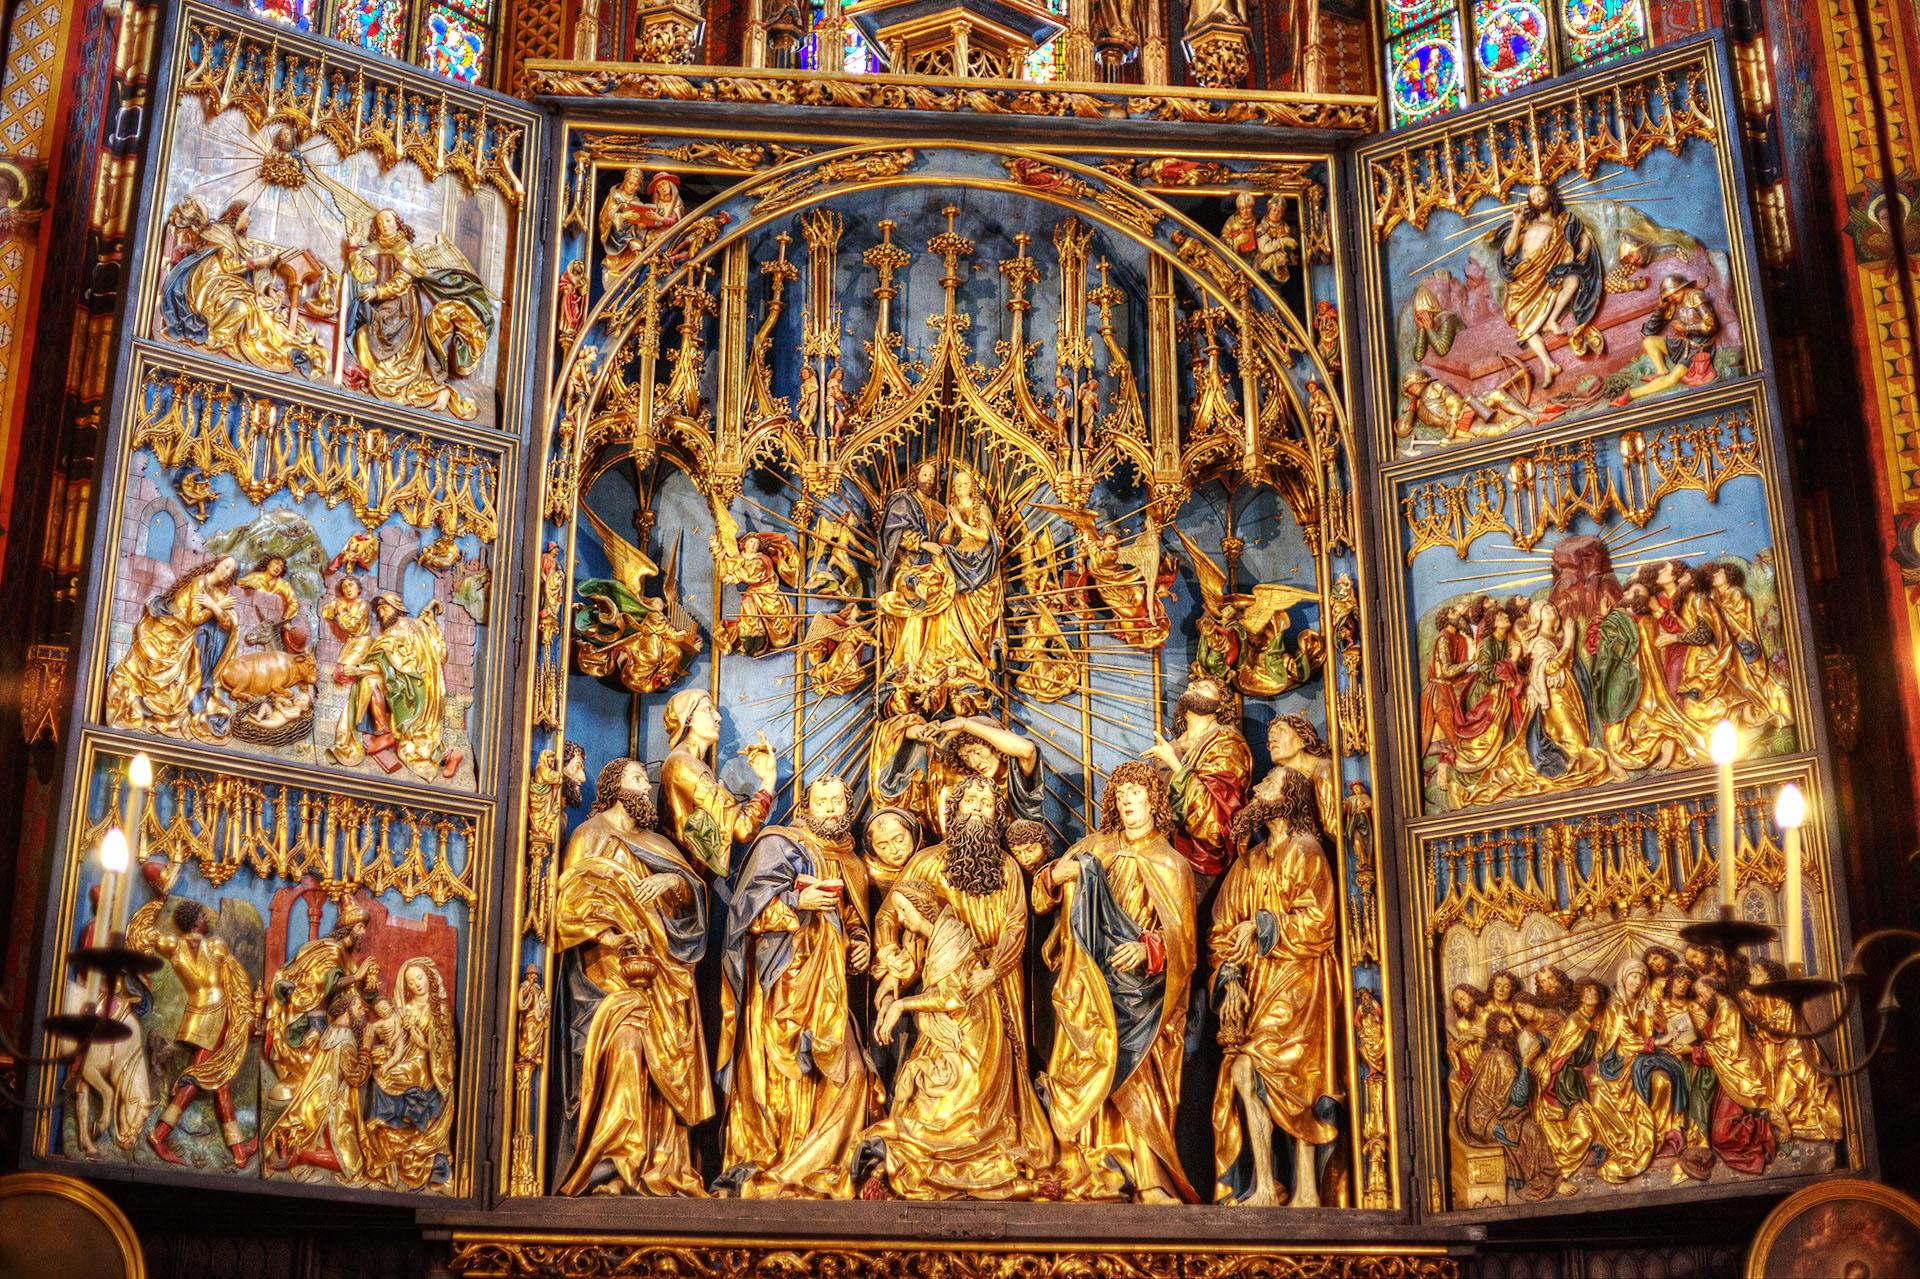 St-Marys-Basilica-Krakow